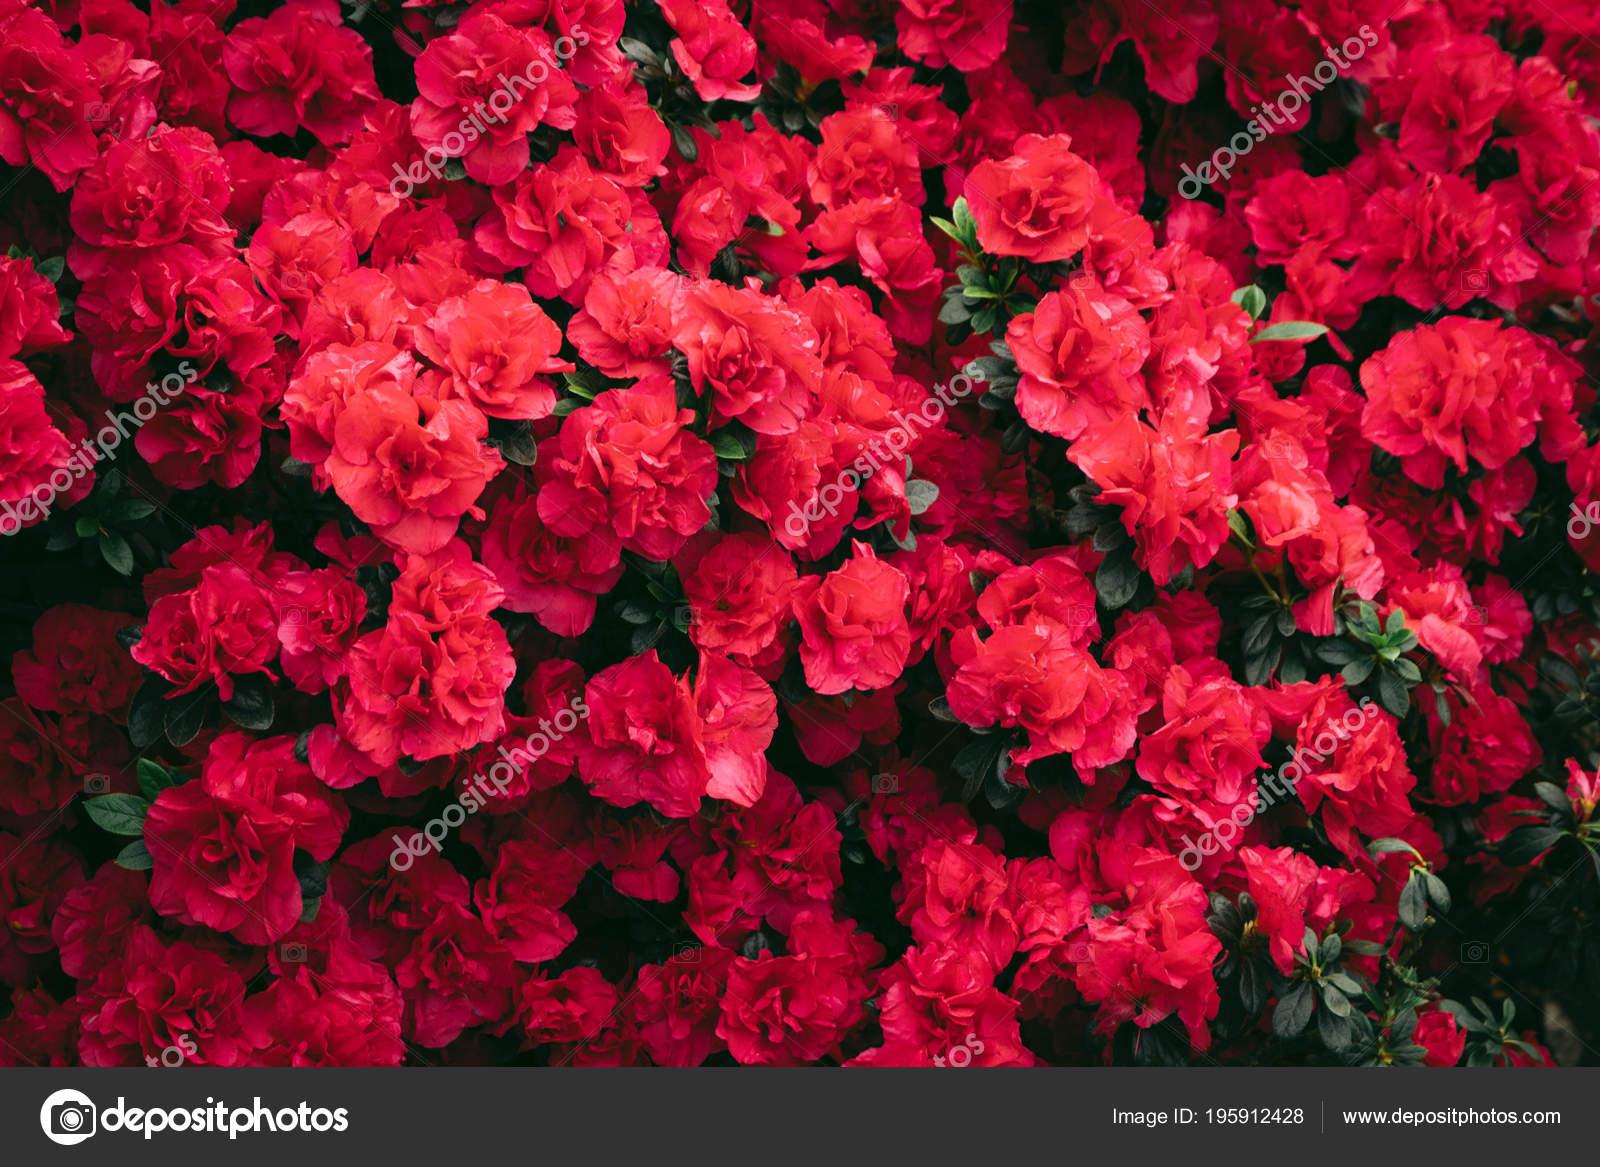 Descargar Fondos De Pantalla Para Pc Flores: Fondos De Pantalla De Flores Rosas